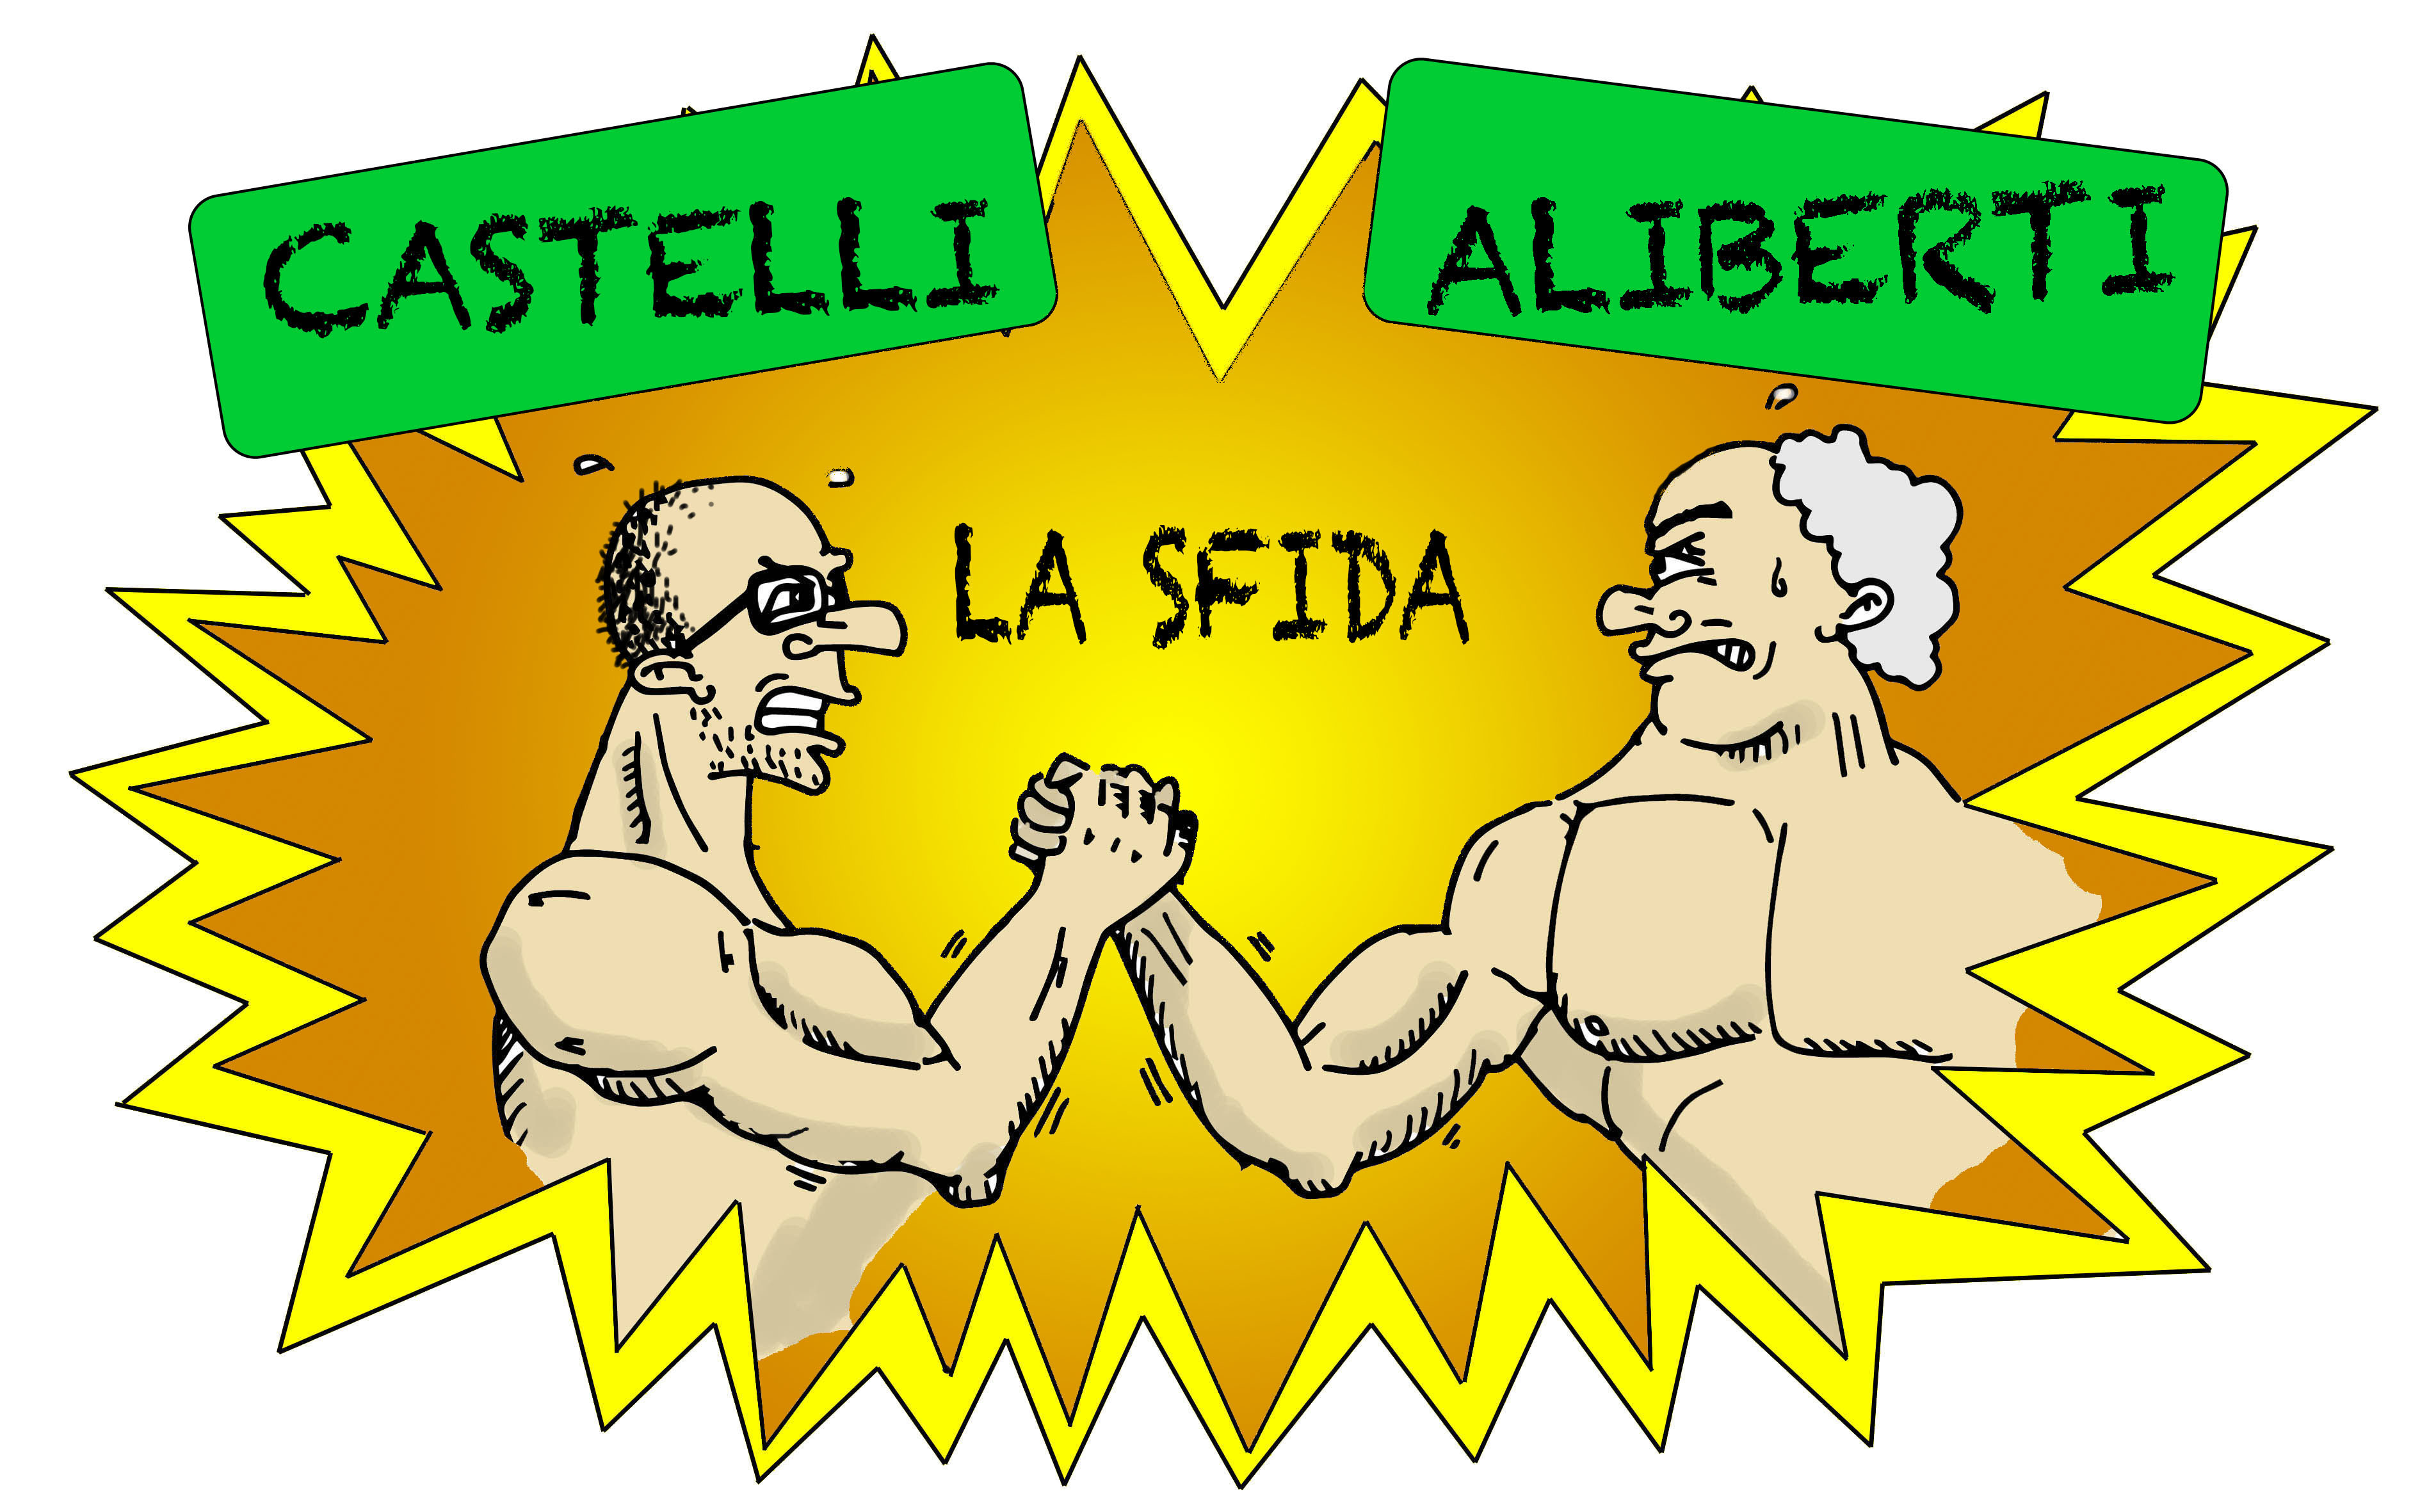 Castelli vs. Aliberti